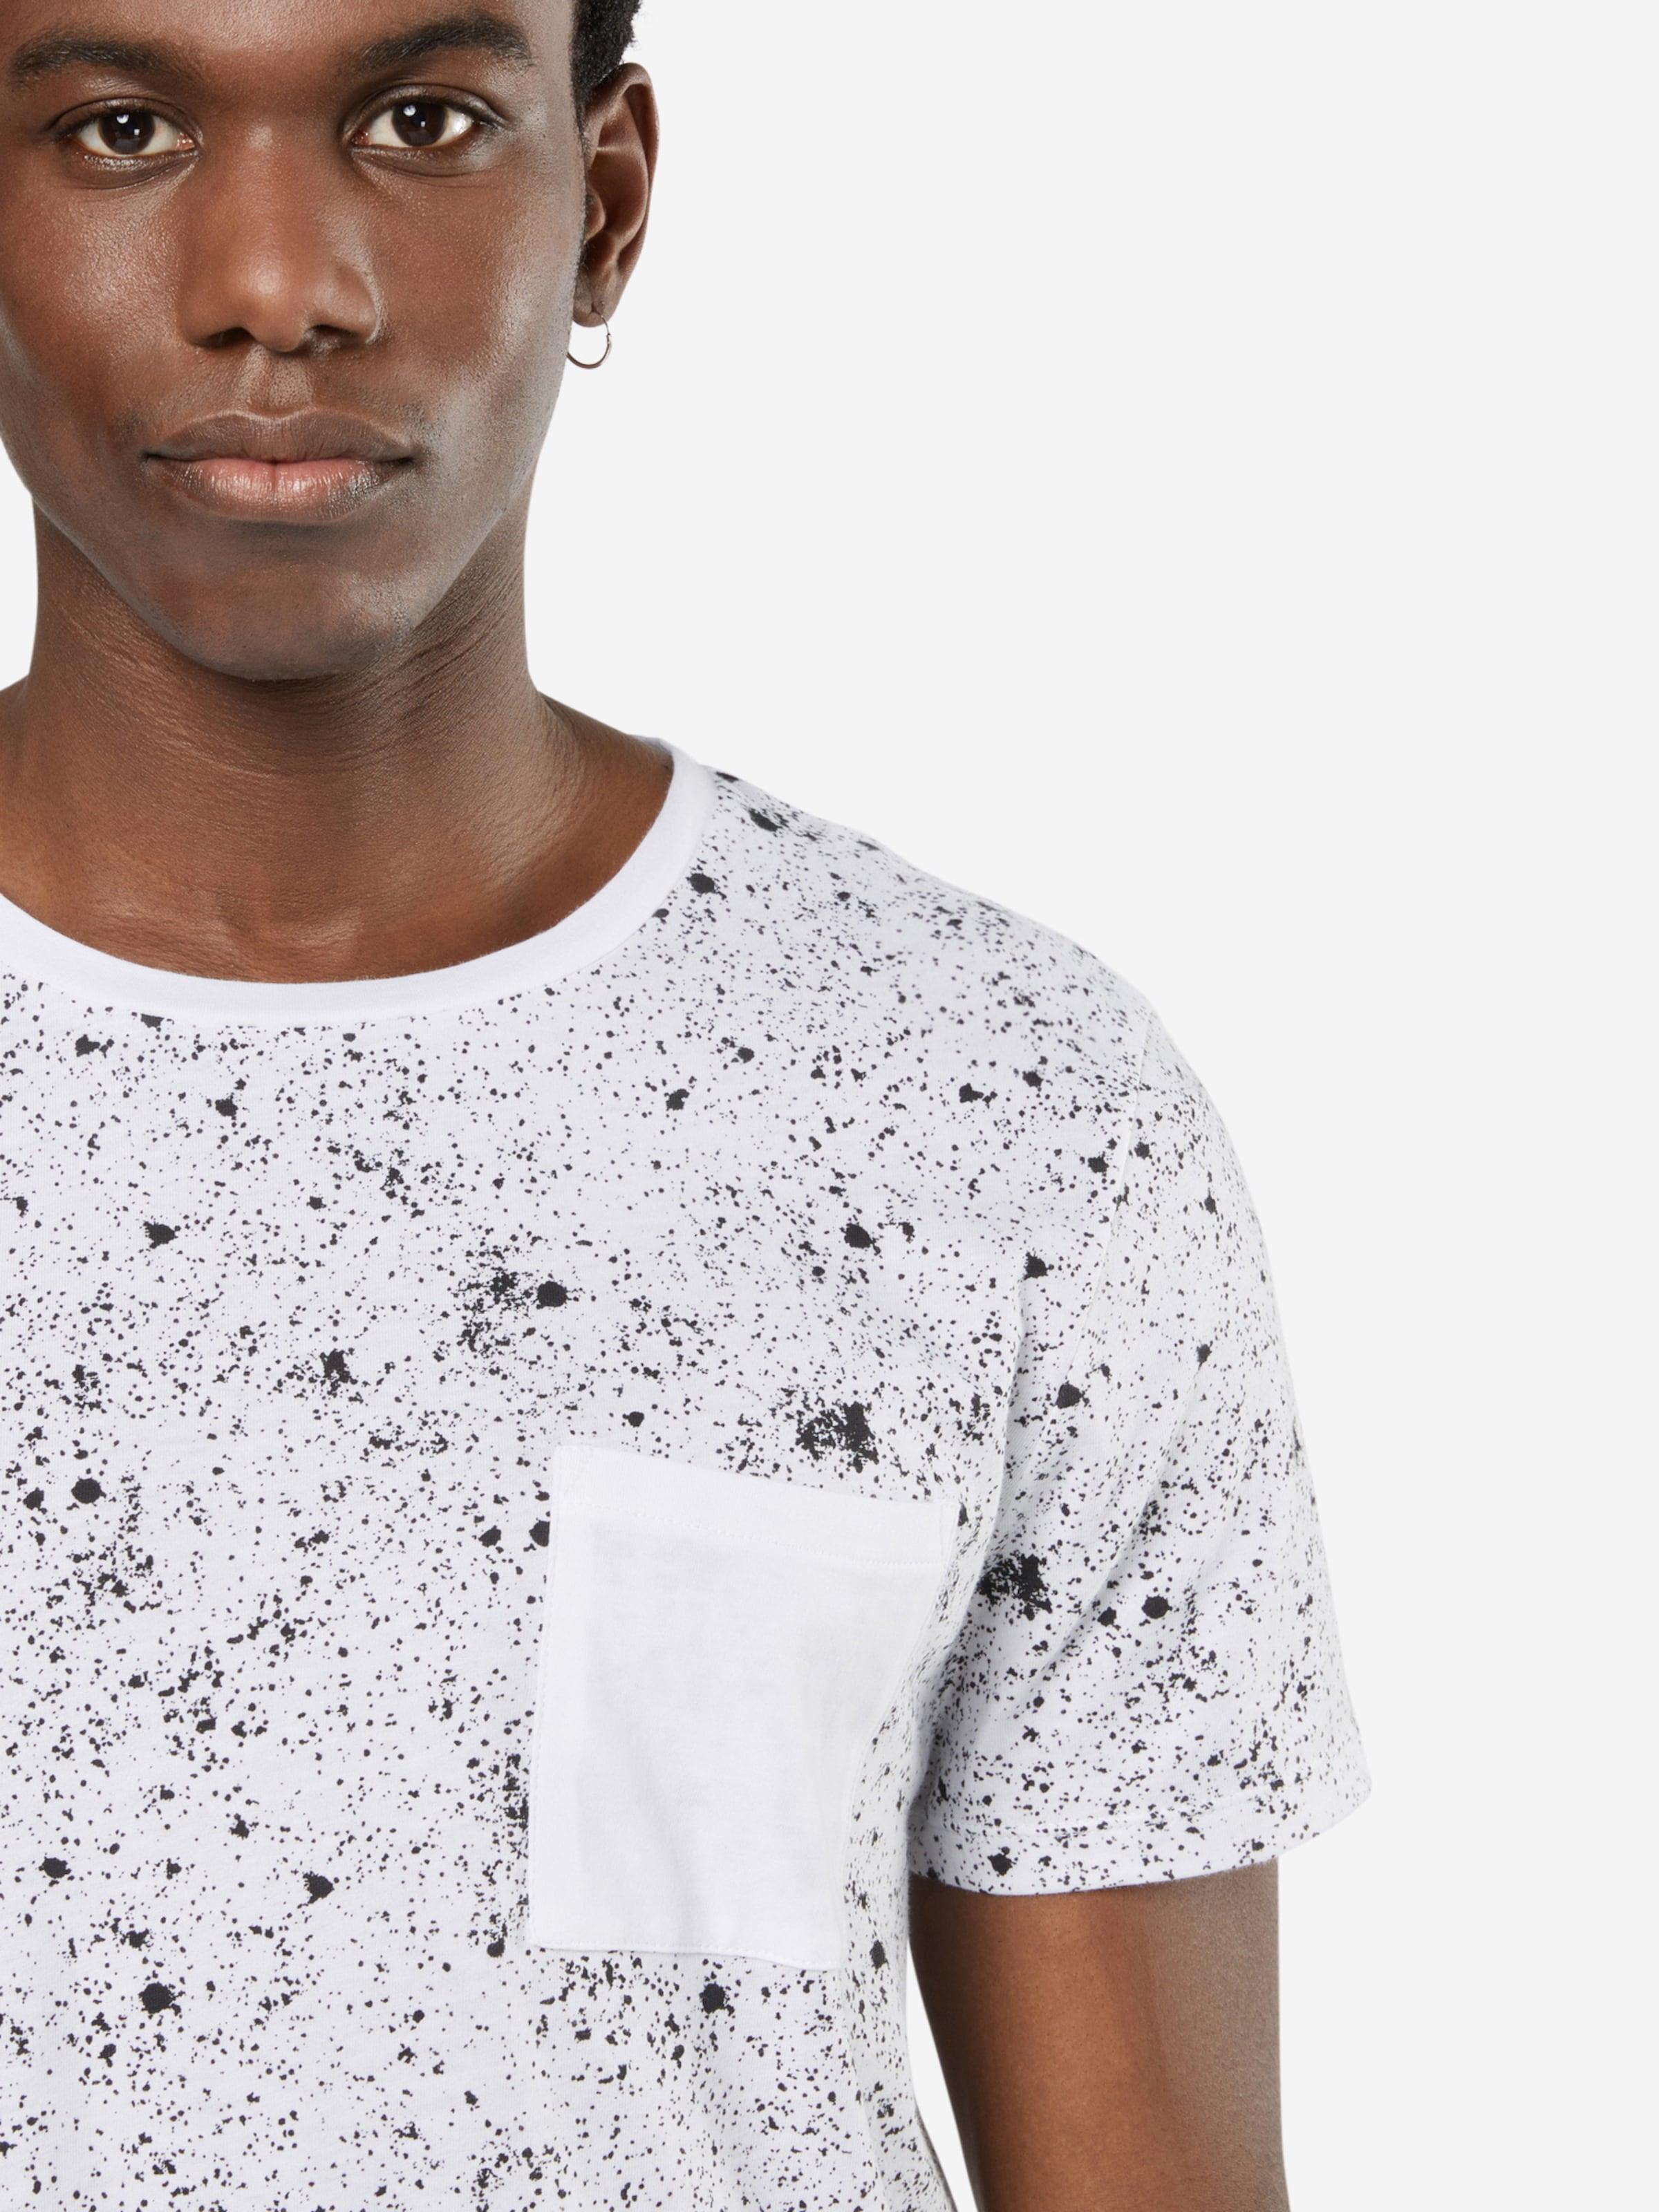 TOM TAILOR DENIM T-Shirt 'crewneck galaxy print' 2018 Neueste Online Rabatt Billigsten Erkunden Günstigen Preis bpYs4LG